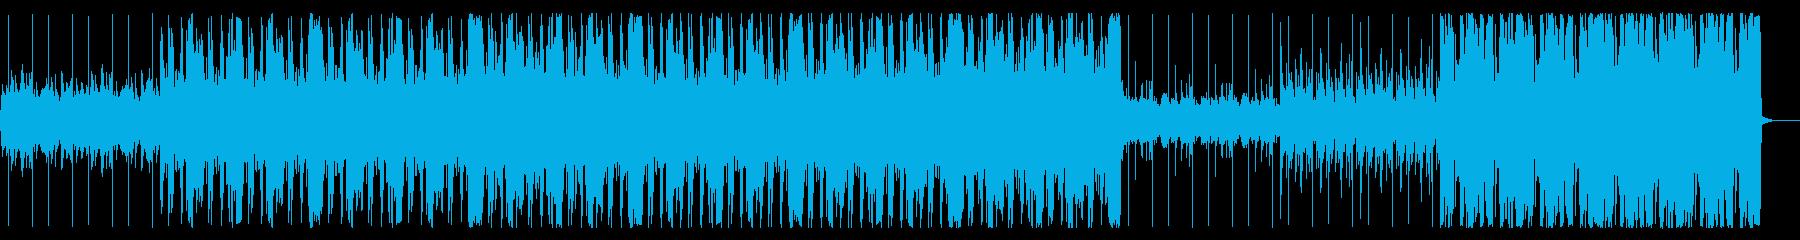 Electronica/Dark/Ambの再生済みの波形